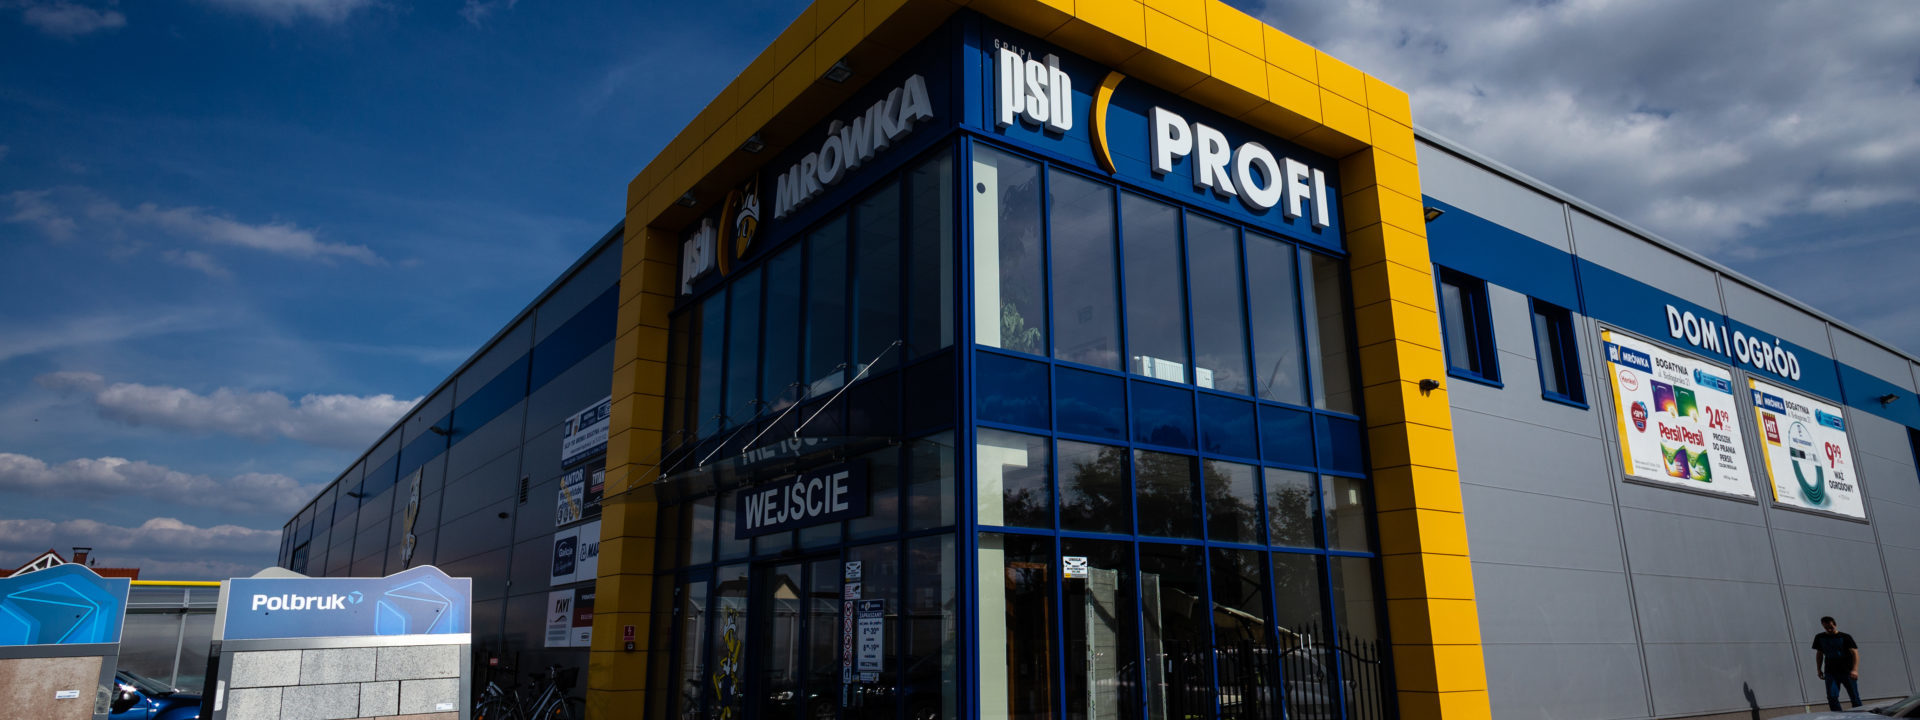 Realizacja 2016 - hala handlowa BZM Cieśla w województwie dolnośląskim w Bogatyni - budynek z zewnątrz